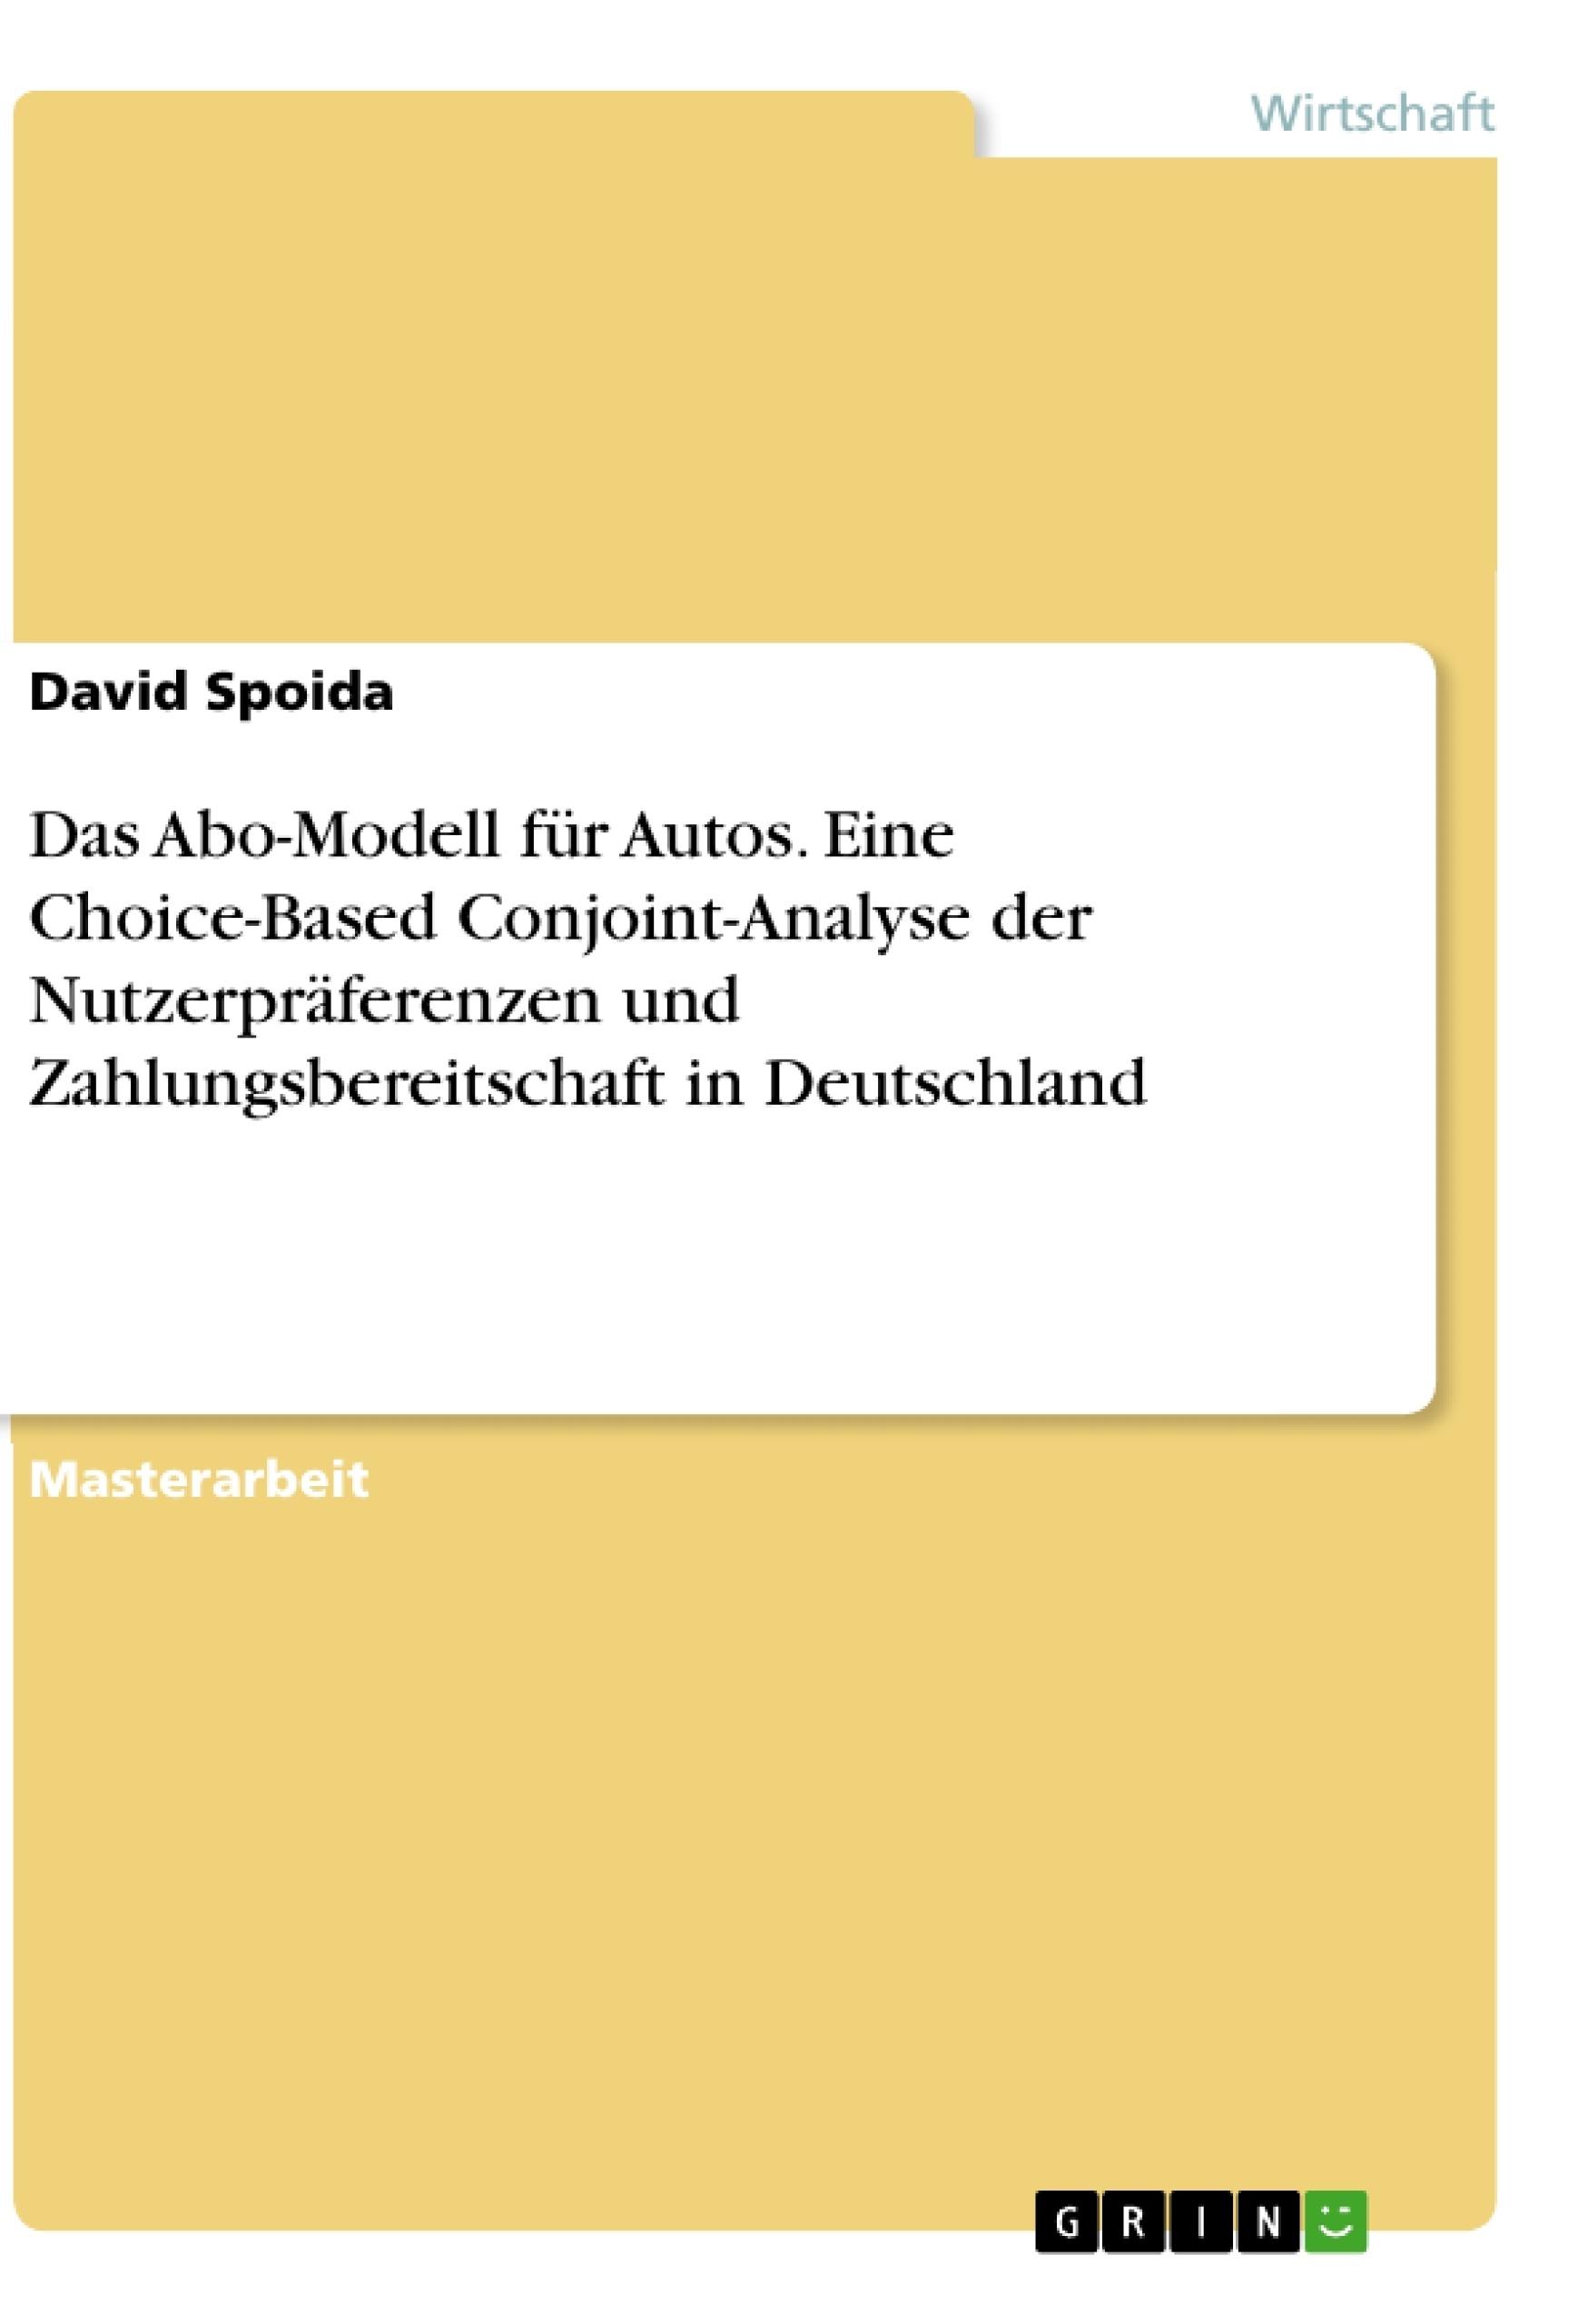 Titel: Das Abo-Modell für Autos. Eine Choice-Based Conjoint-Analyse der Nutzerpräferenzen und Zahlungsbereitschaft in Deutschland